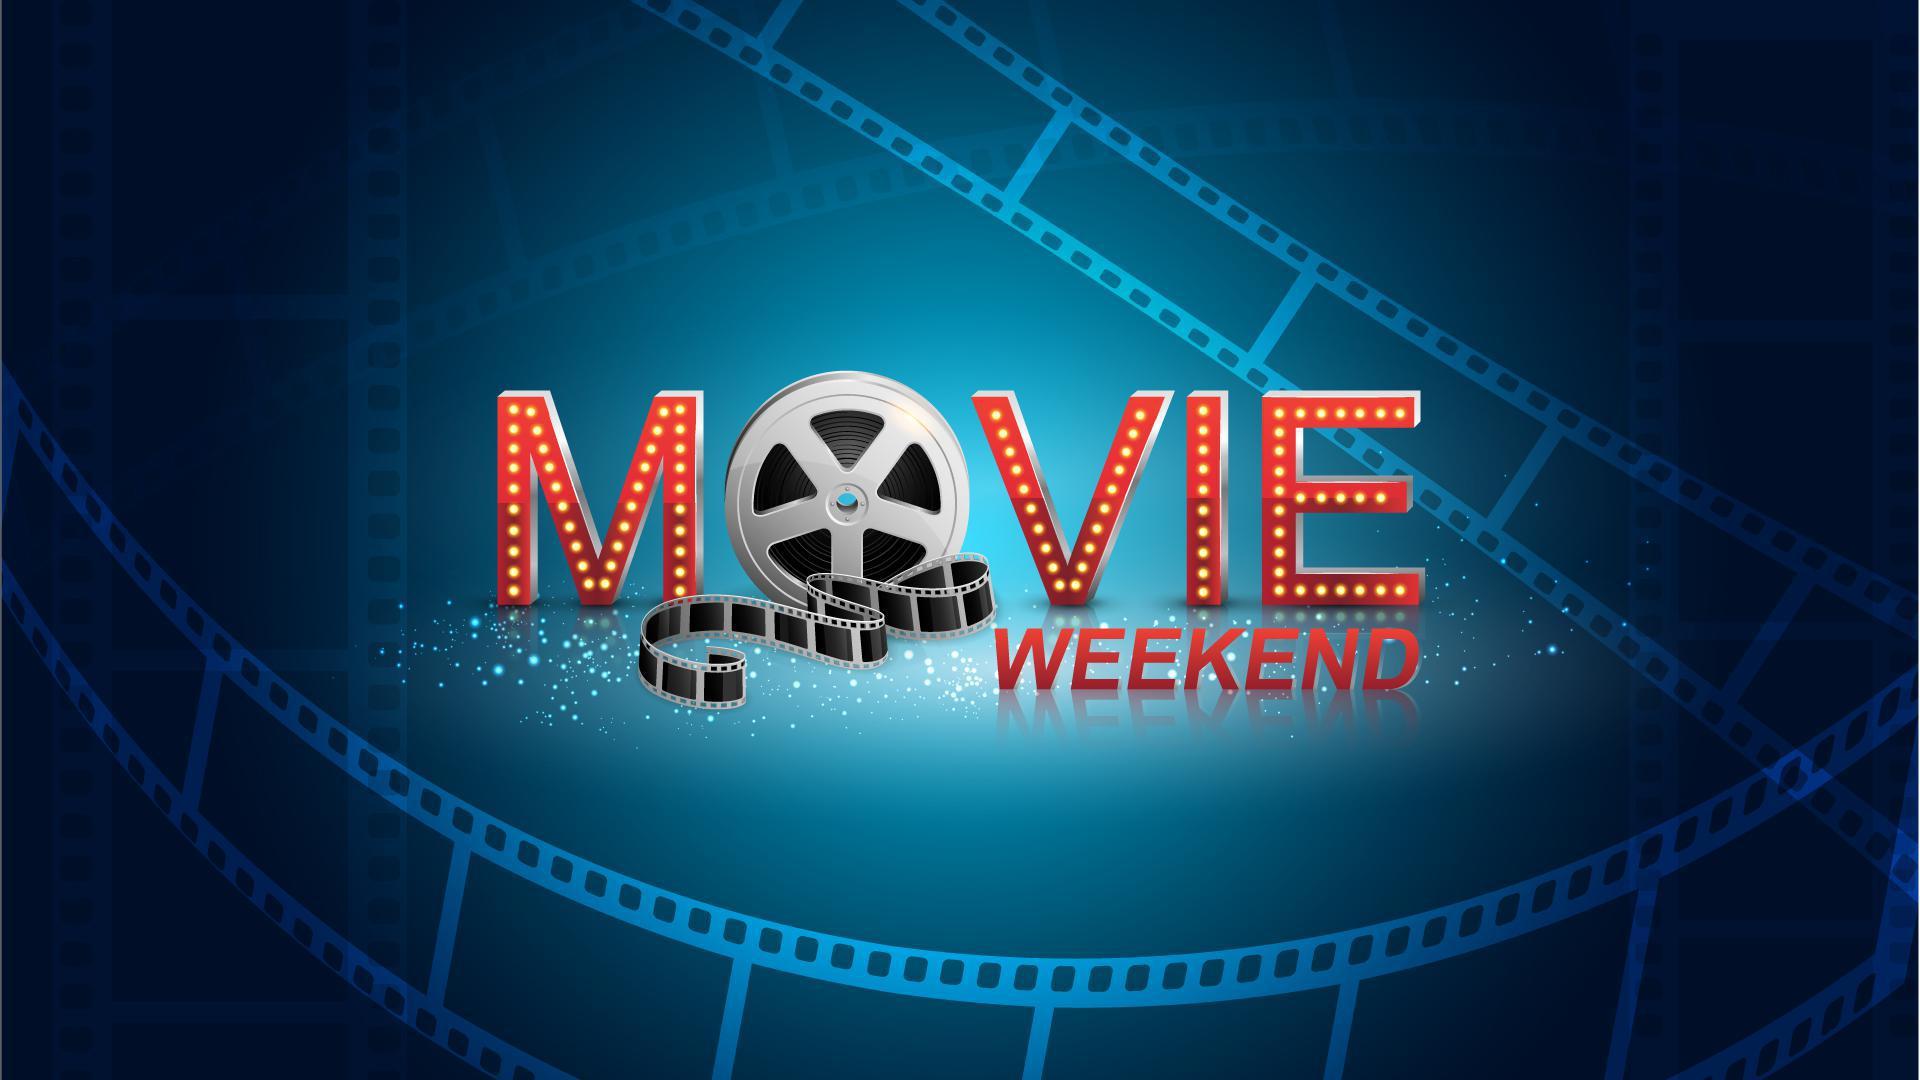 Movie weekend